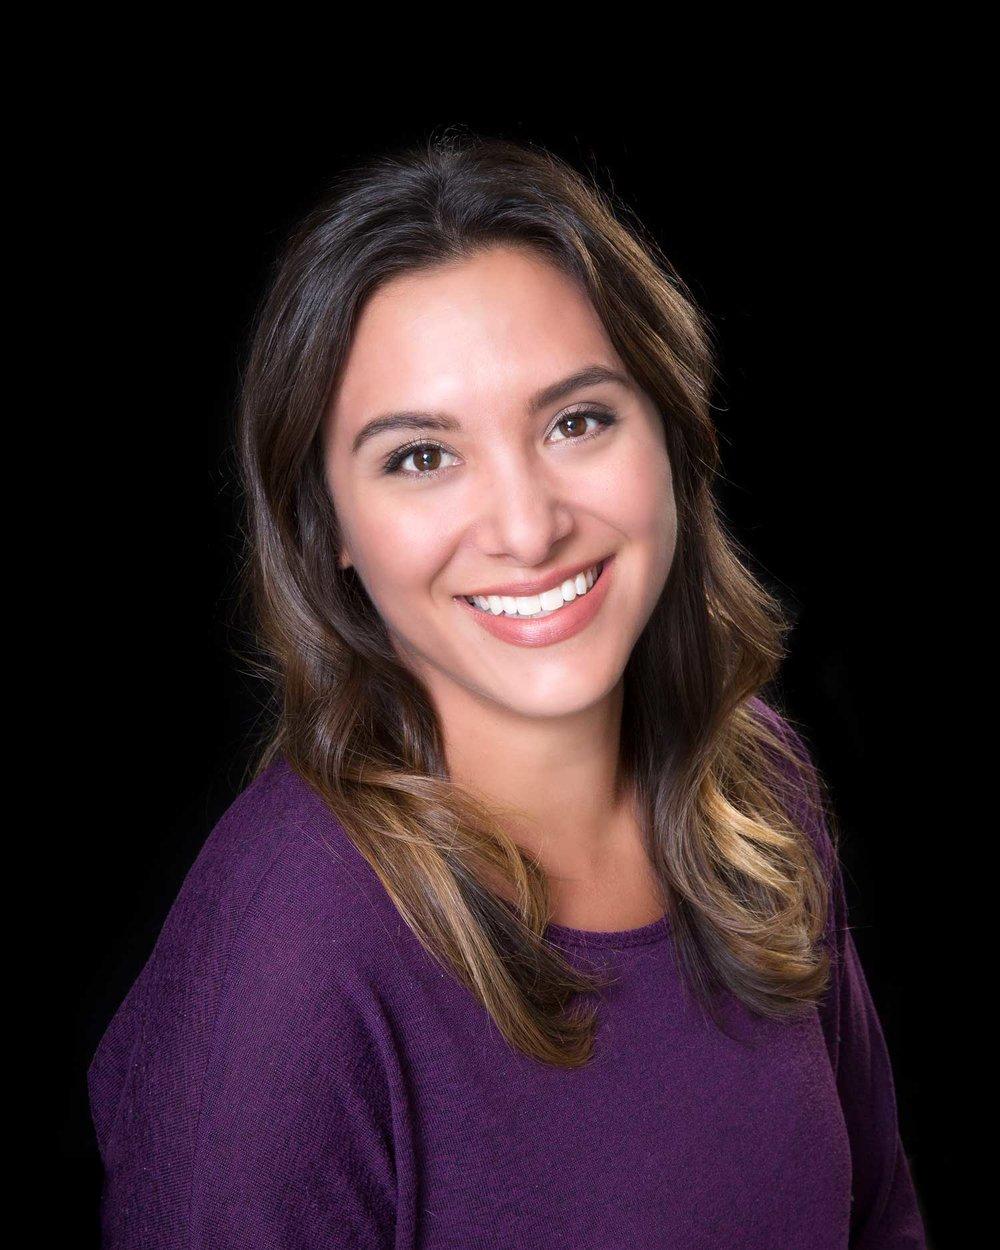 Yvette Jaramillo